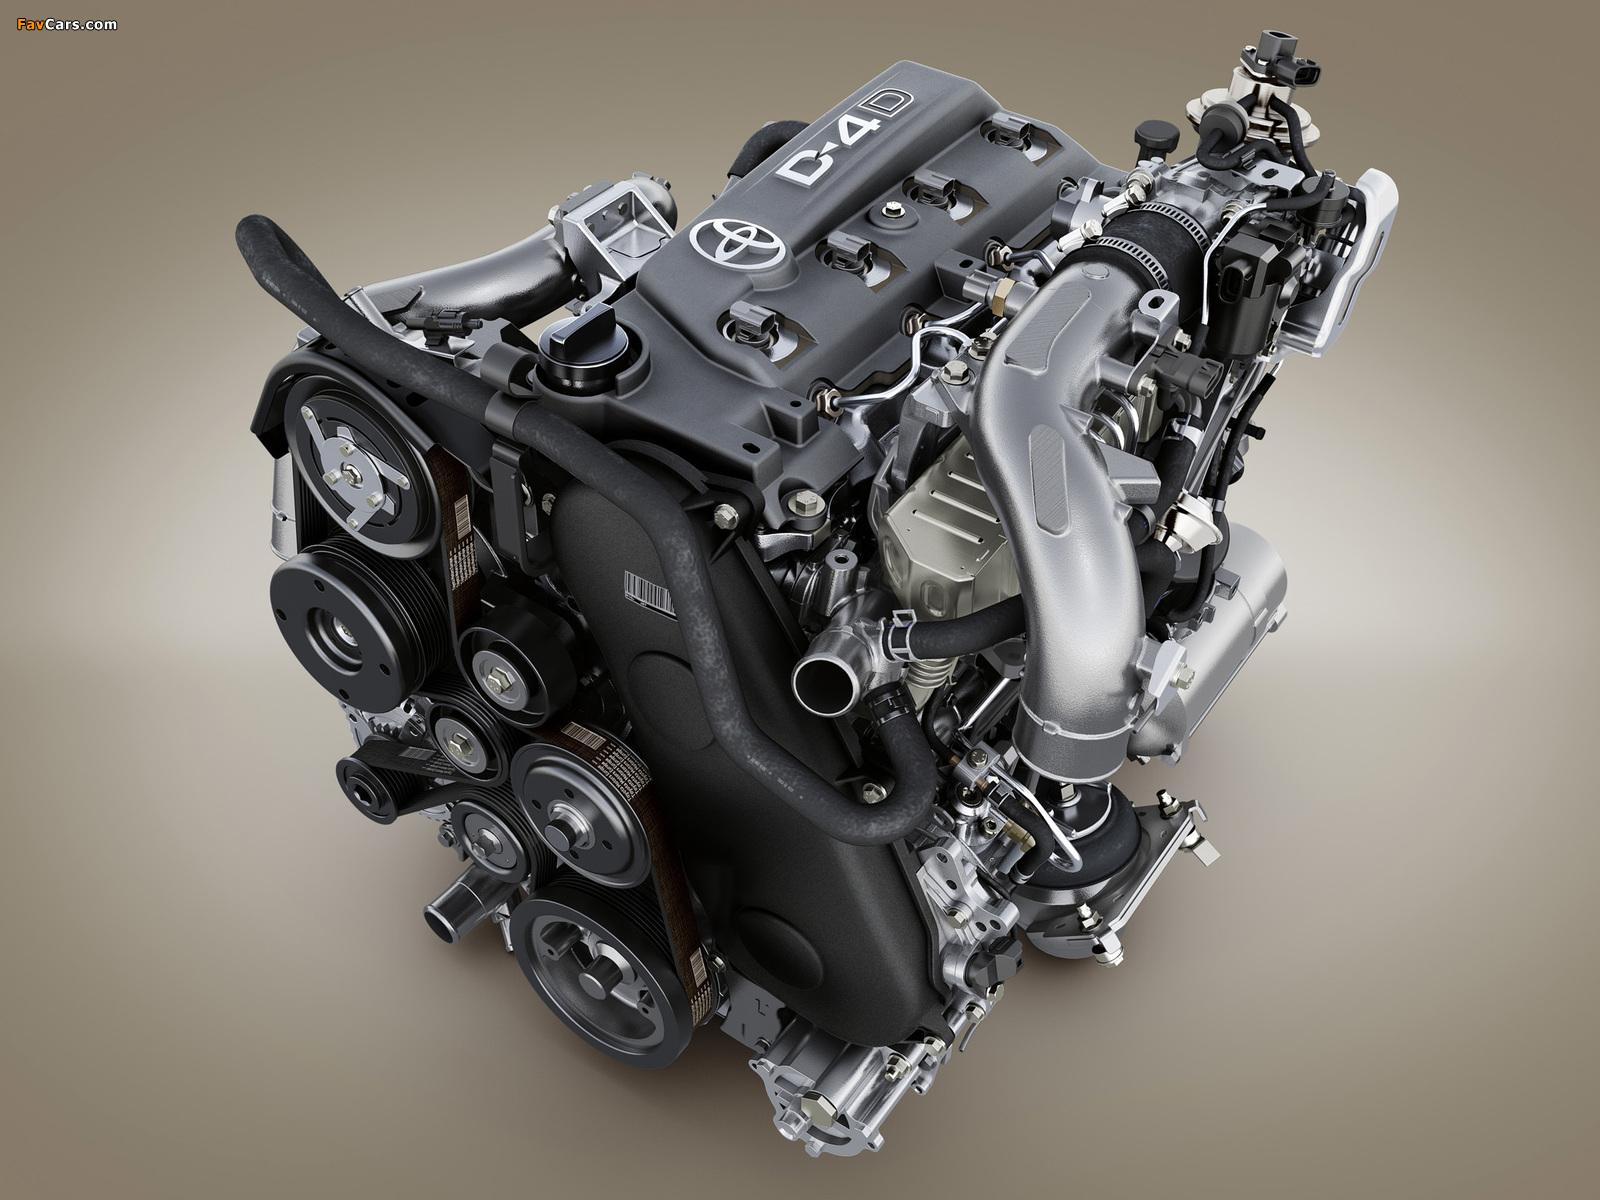 Замена масла в двигателе ленд крузер 200 дизель своими руками